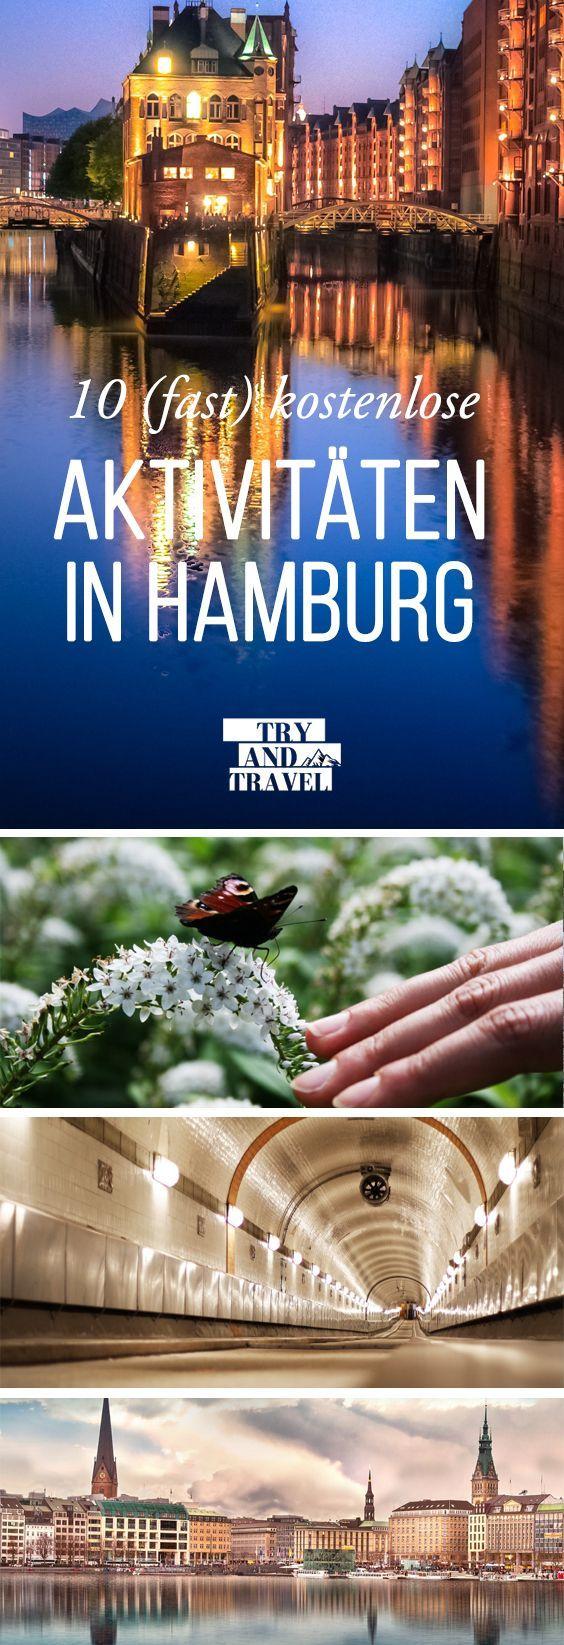 10 (fast) kostenlose Aktivitäten in Hamburg